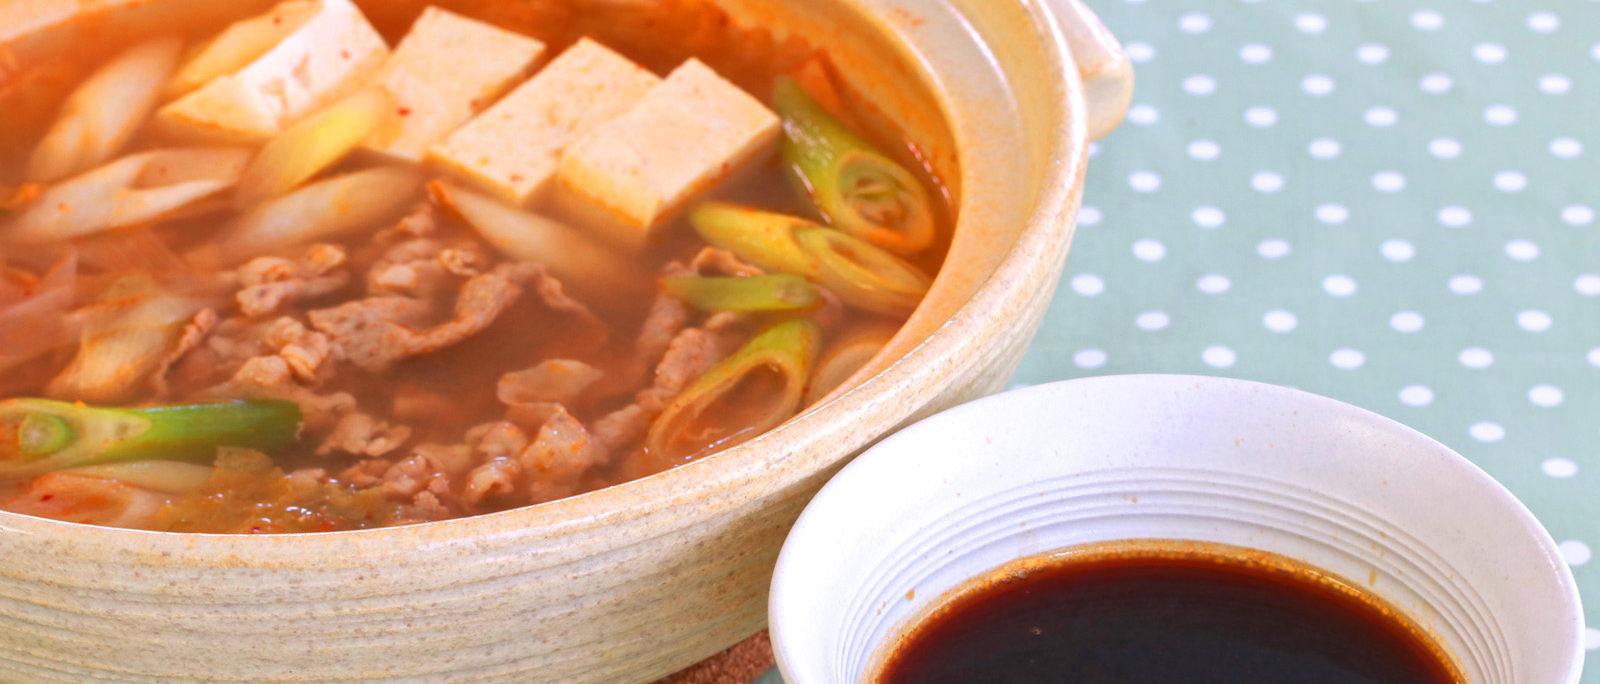 タレで食べるキムチ鍋